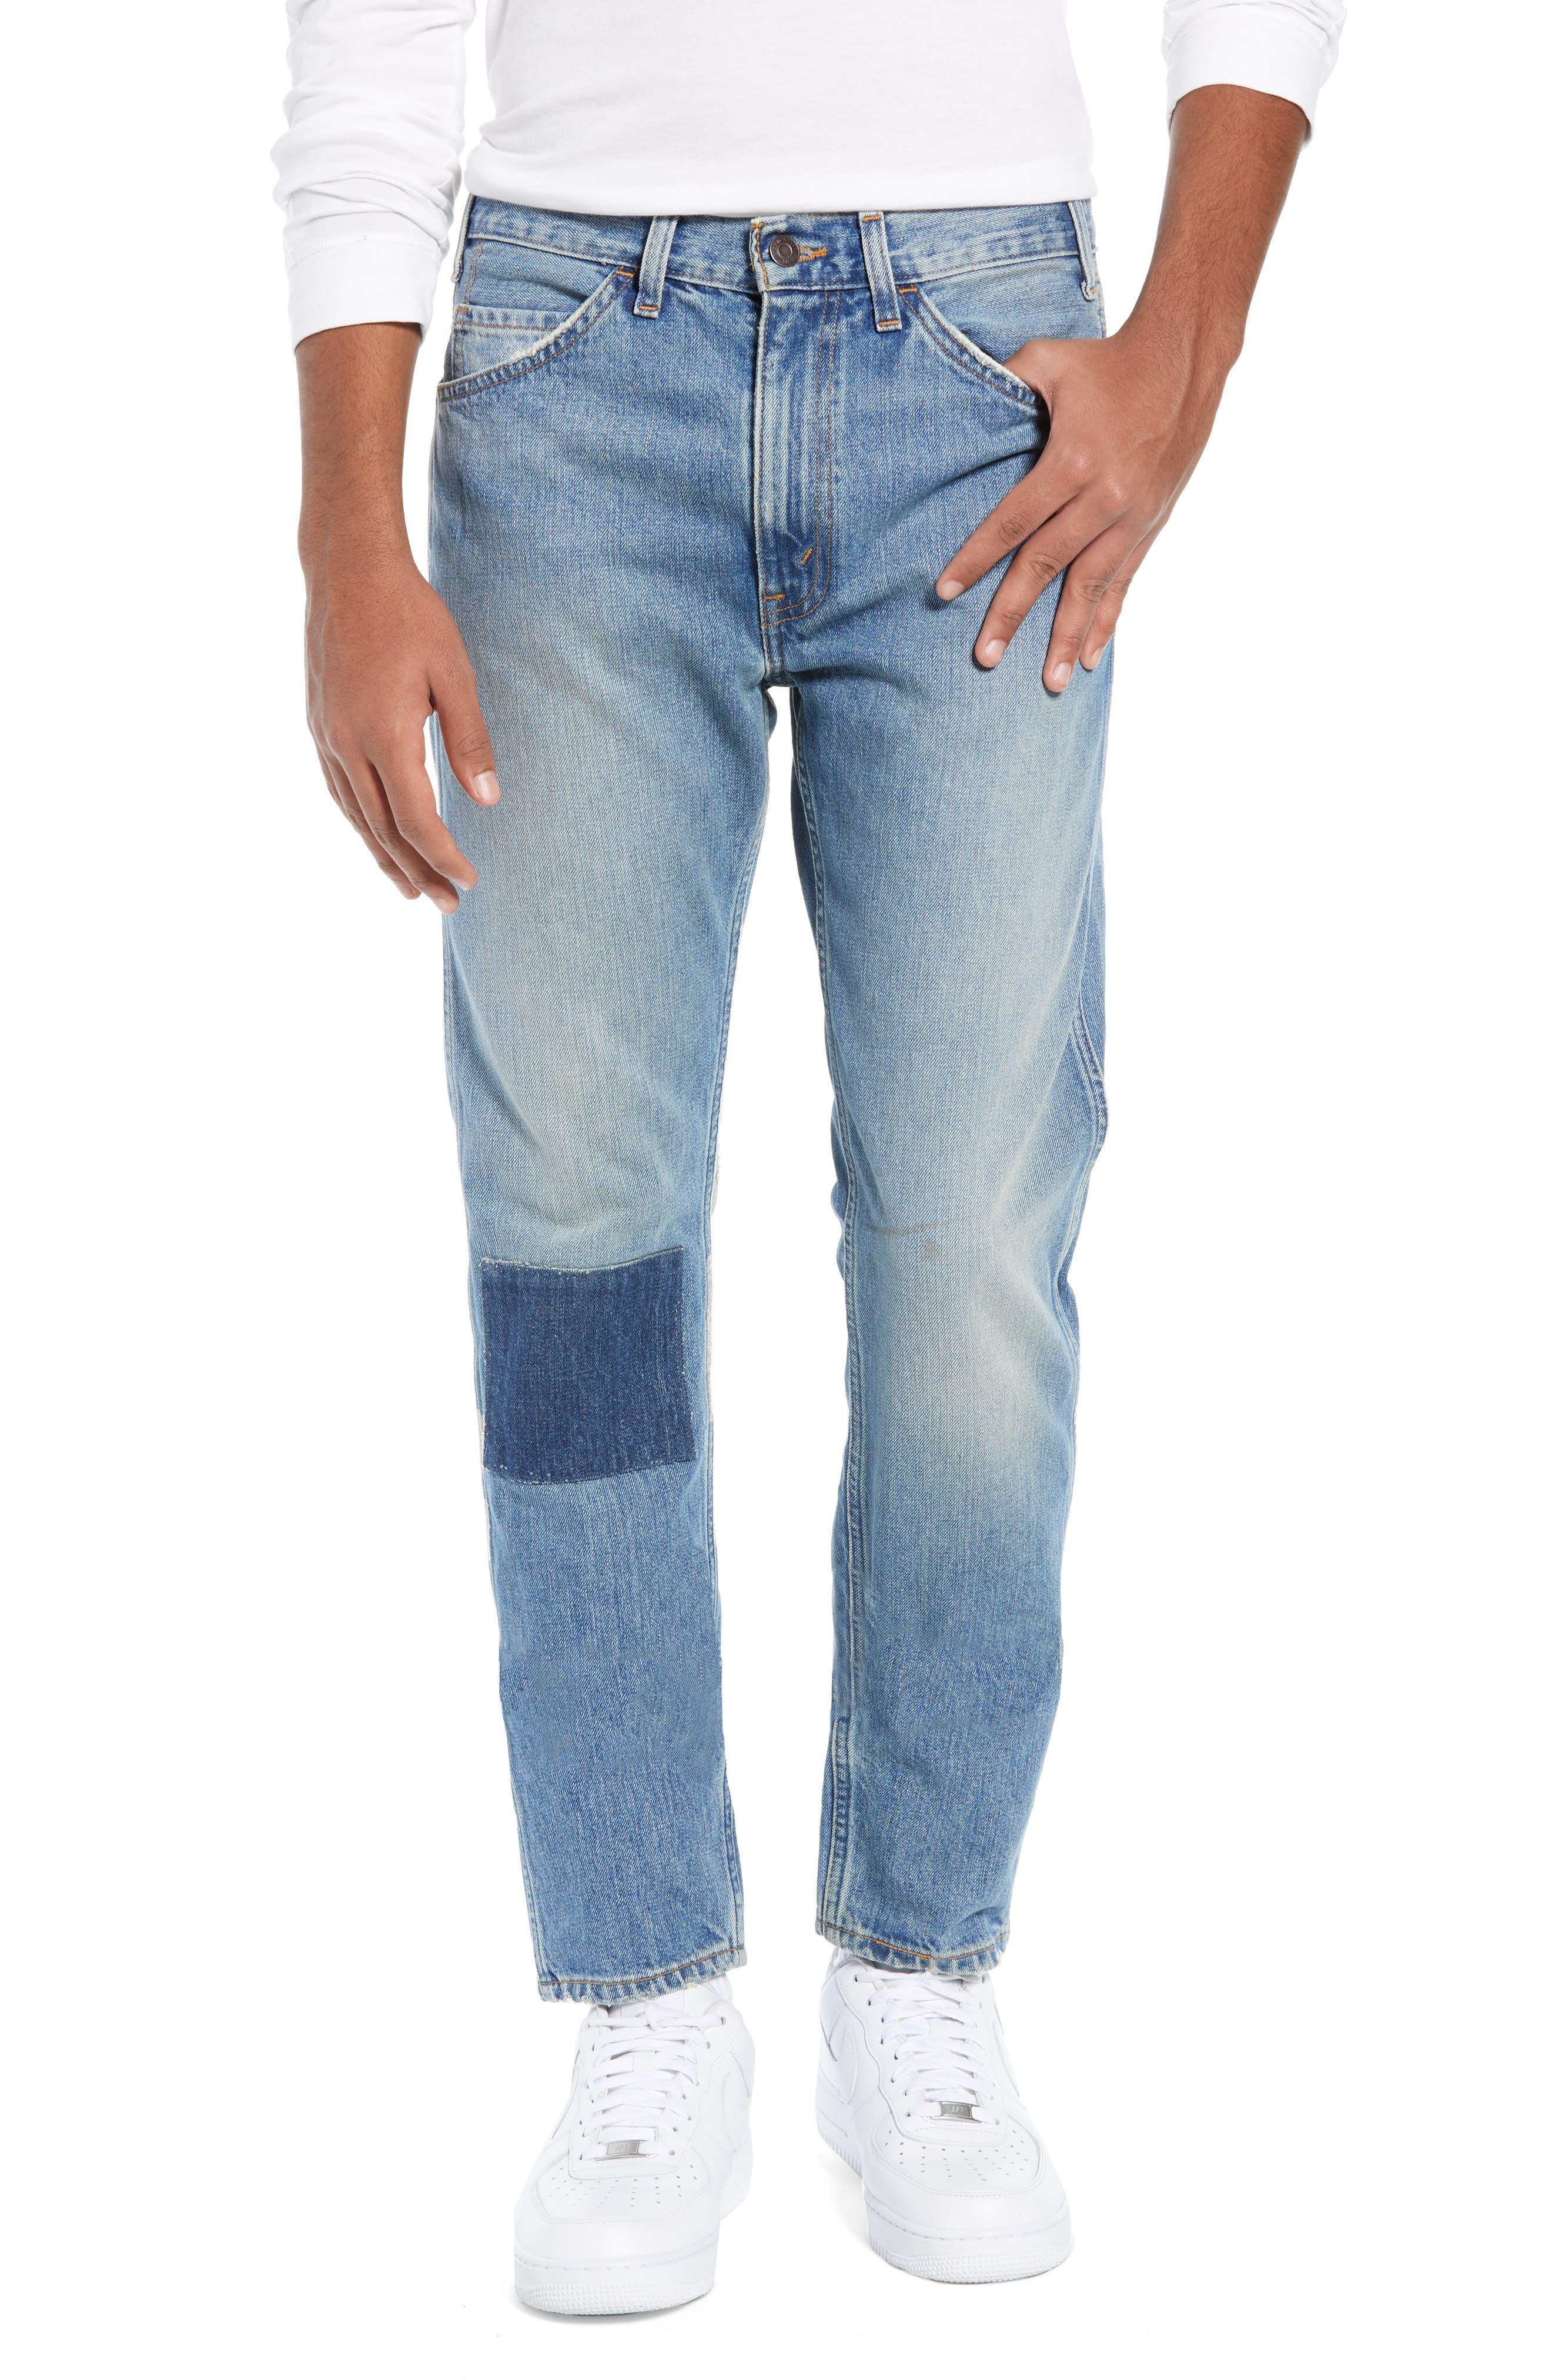 LEVI'S<SUP>®</SUP> VINTAGE CLOTHING, 1969 606<sup>™</sup> Slim Fit Jeans, Main thumbnail 1, color, 423